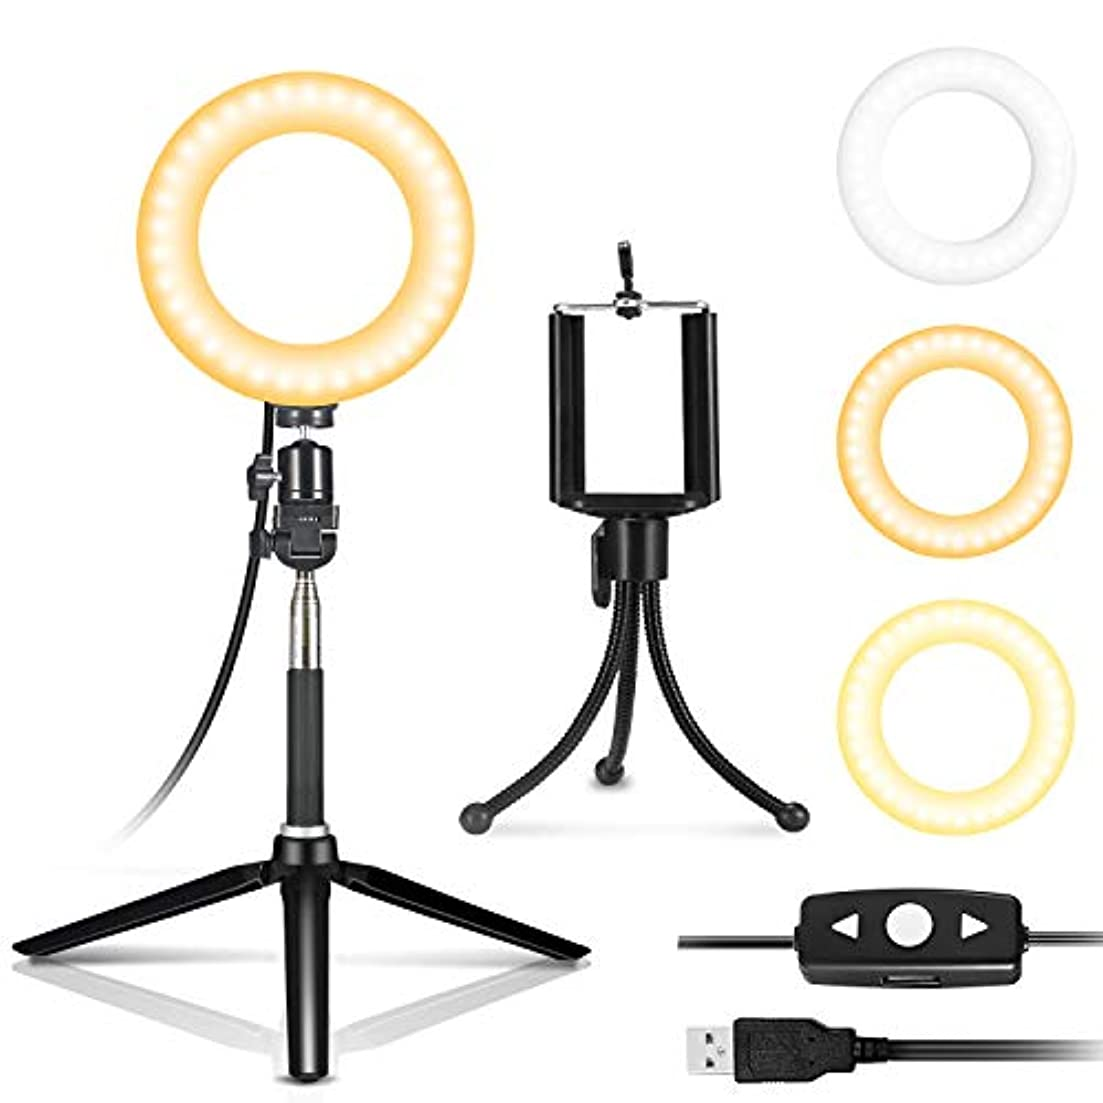 つぼみ望ましい電気IDESION 自撮り補助セルフィー LEDライト ミラー 女優ライト 6インチ円形 3色調節可能 リモコン付き ハリウッドライト USB給電 日本語説明書付き